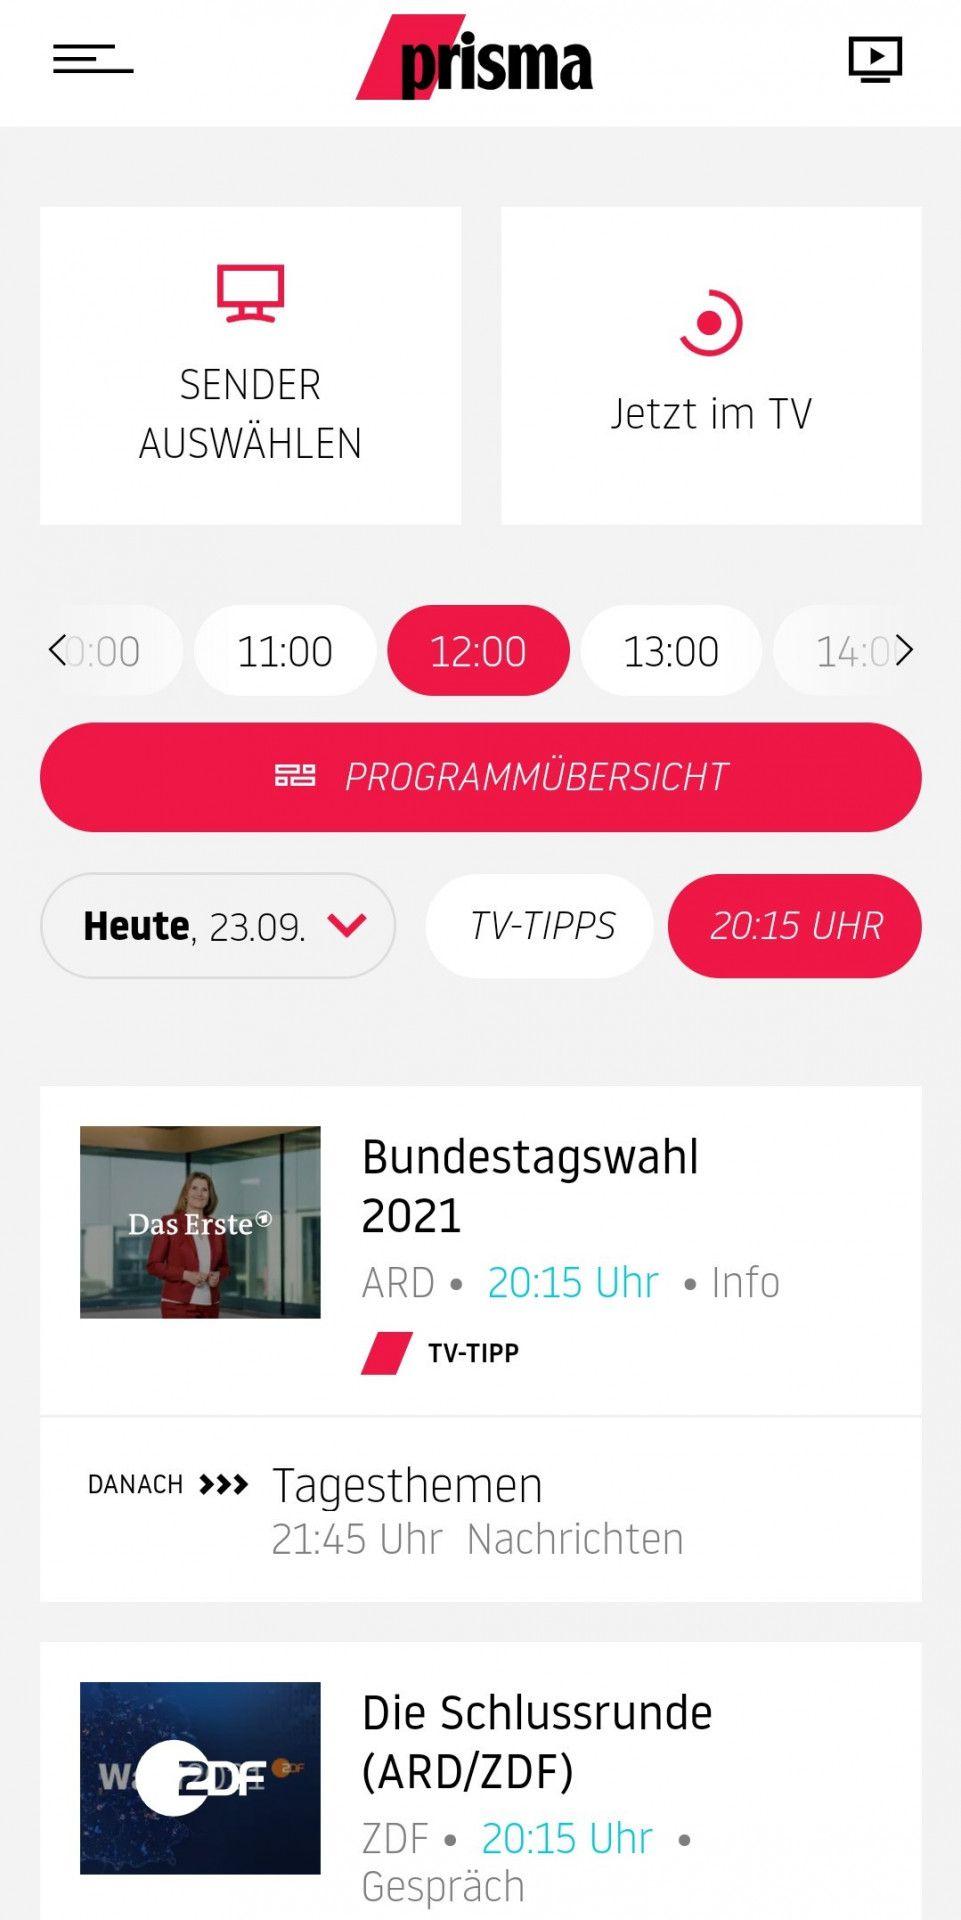 Einfach gestaltet und intuitiv zu bedienen: Die Startseite der prisma-TV-App.